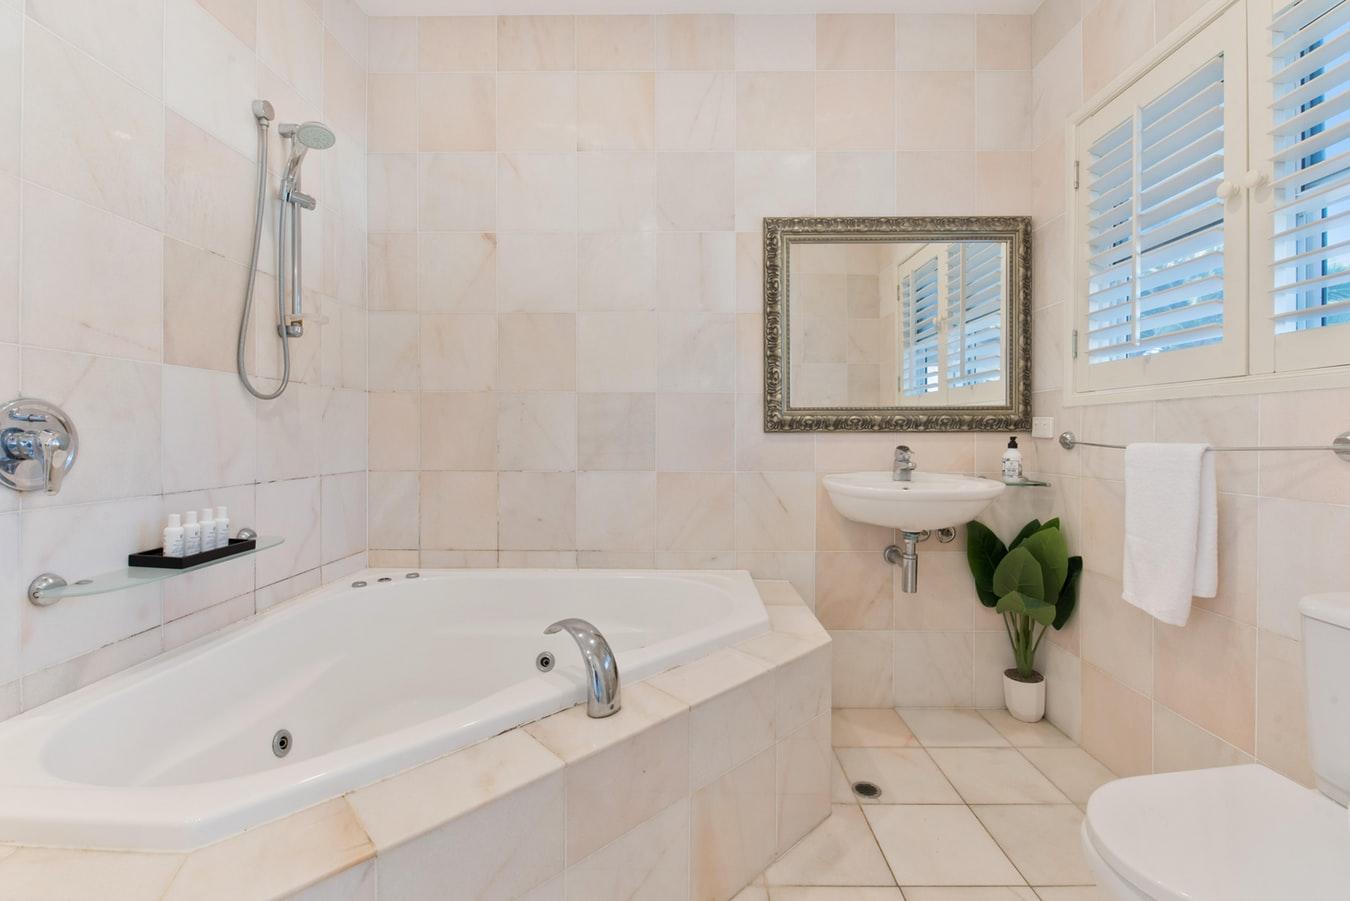 plancher en ceramique de salle de bain